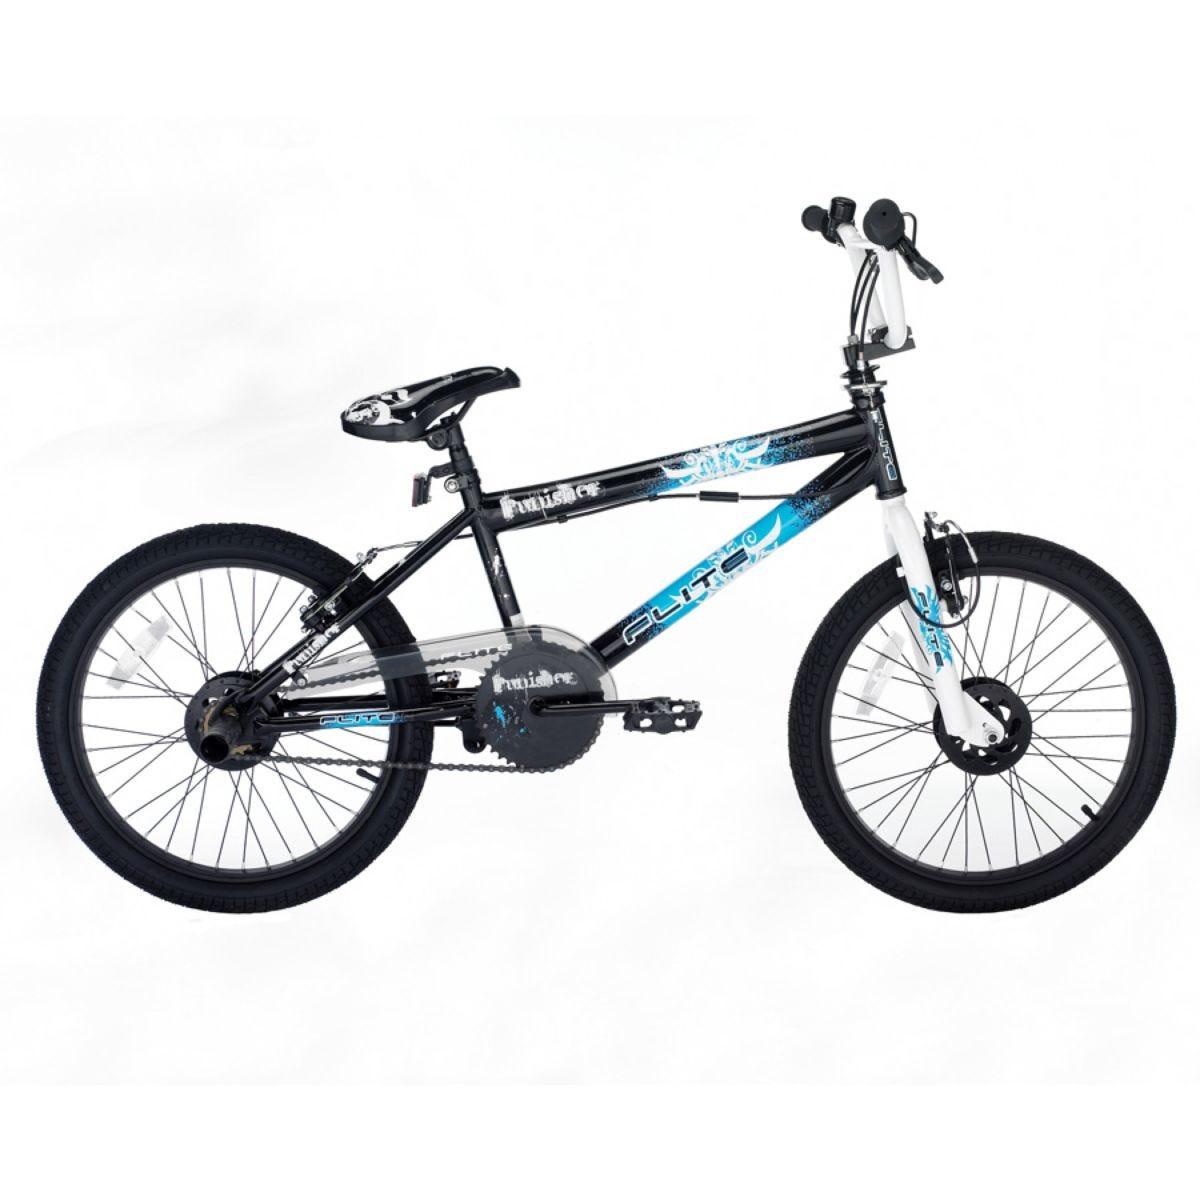 Flite Punisher Freestyle BMX Bike - Black and White